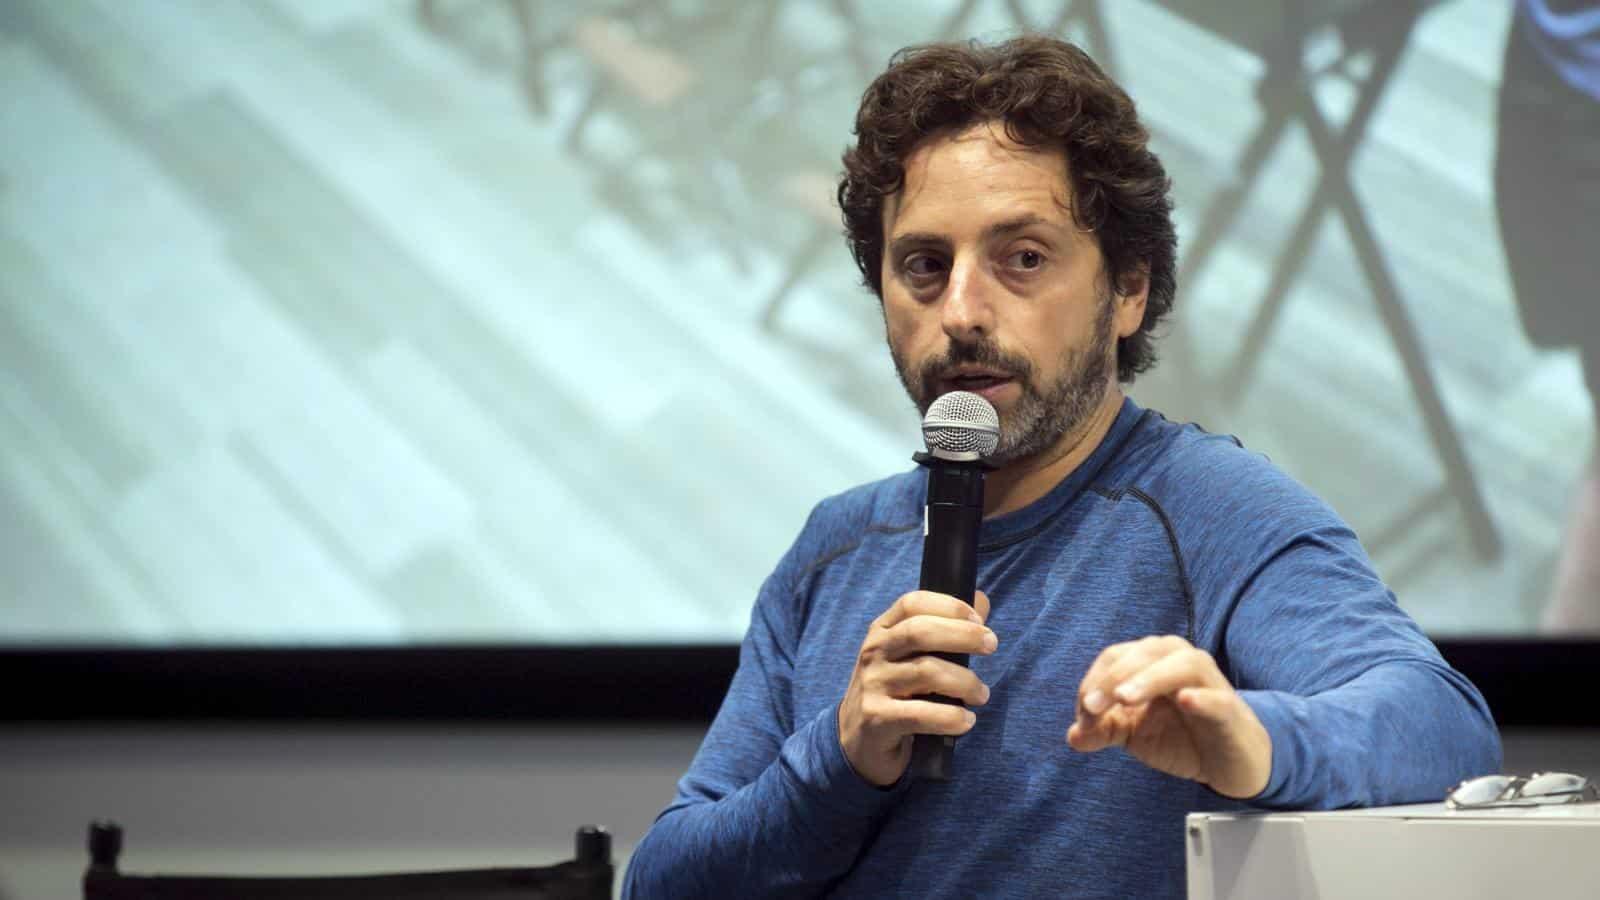 Sergey Brin - História de vida de um dos co-fundadores do Google